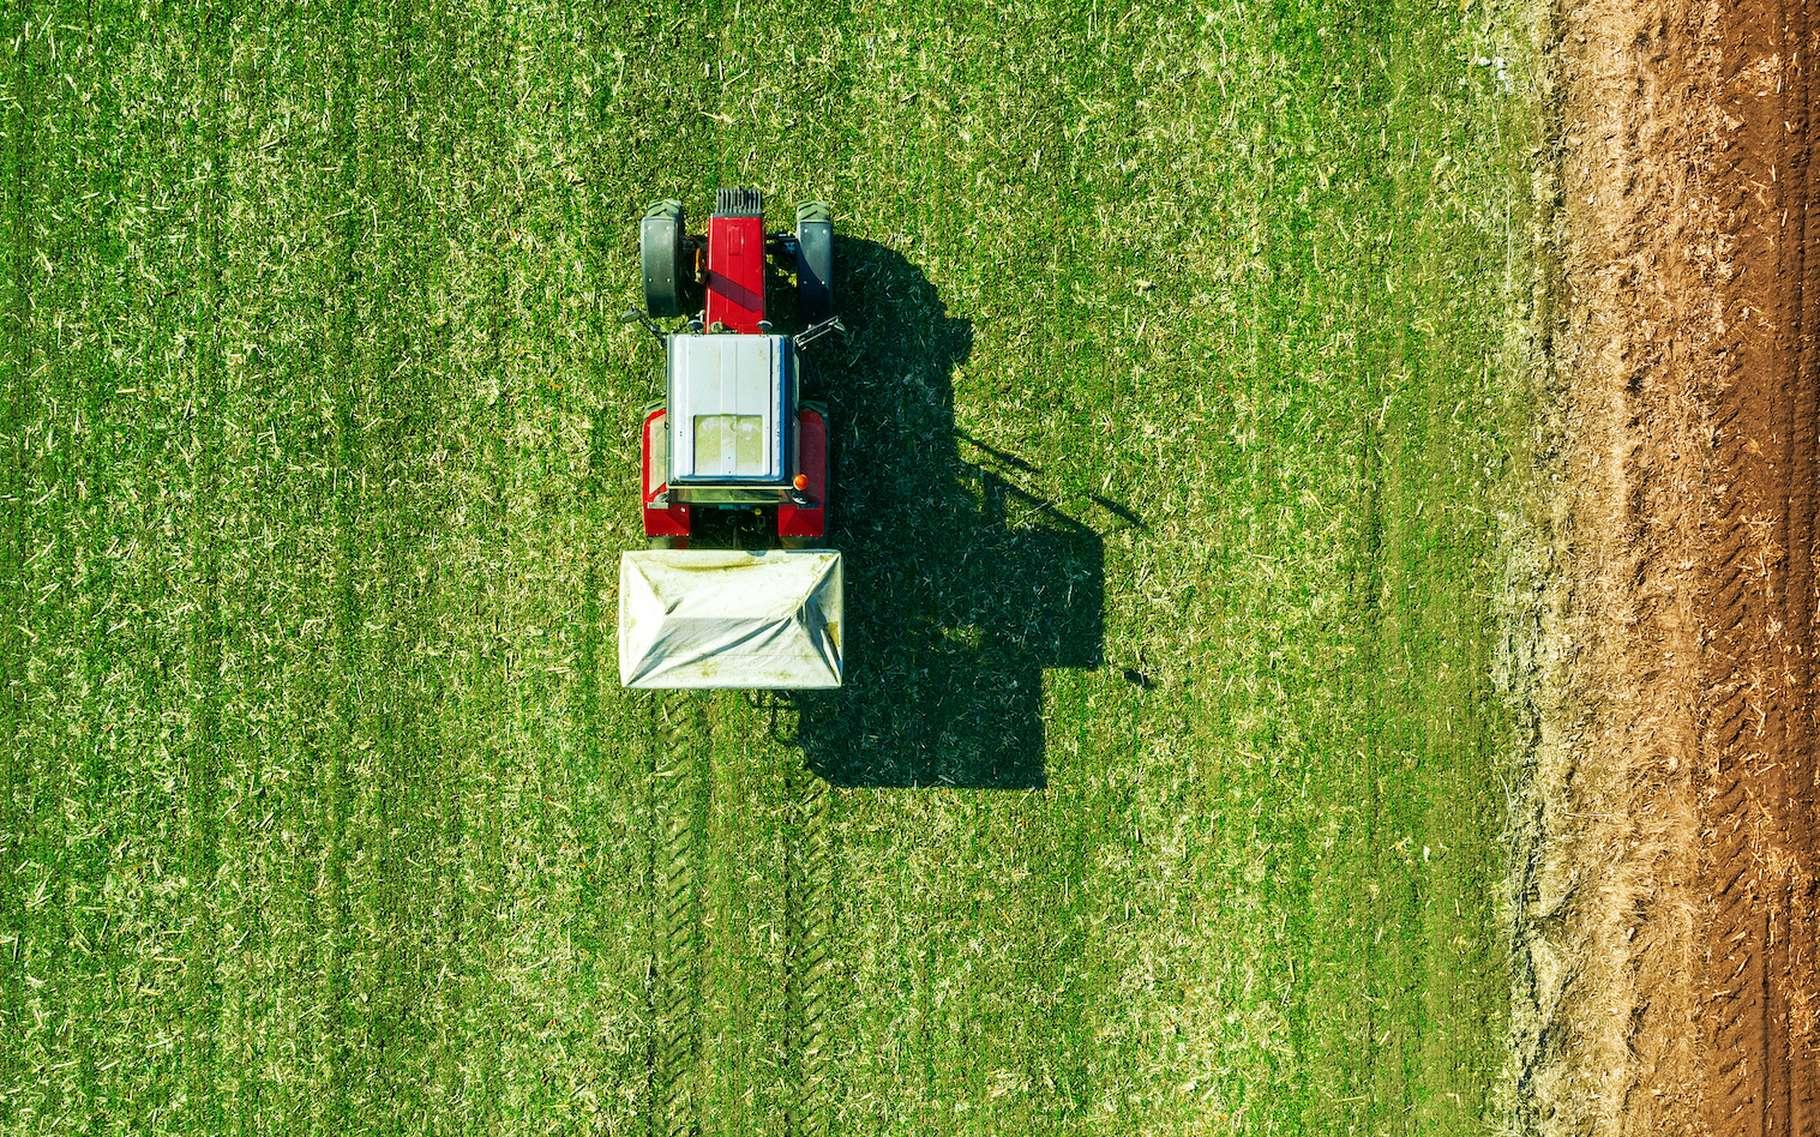 L'agriculture est le premier secteur émetteur de protoxyde d'azote (N2O) dans le monde. © Bits and Splits, Adobe Stock